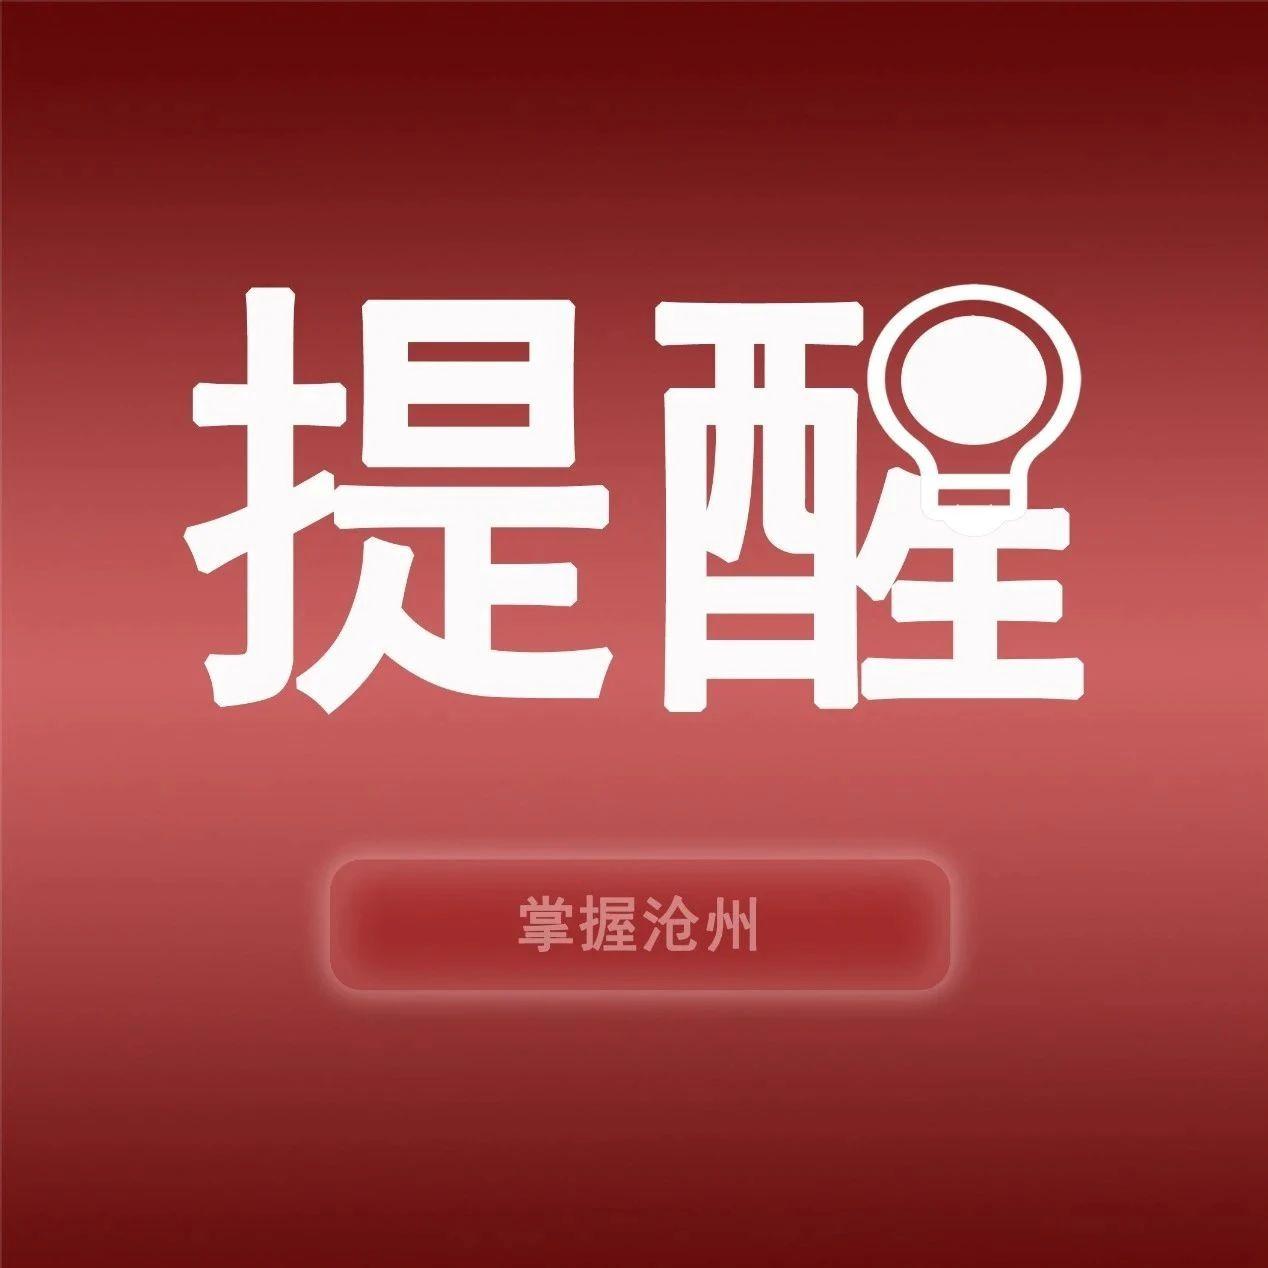 8343名!河北省2021年度公务员考试明天开始报名!│沧州启动重污染天气应急响应